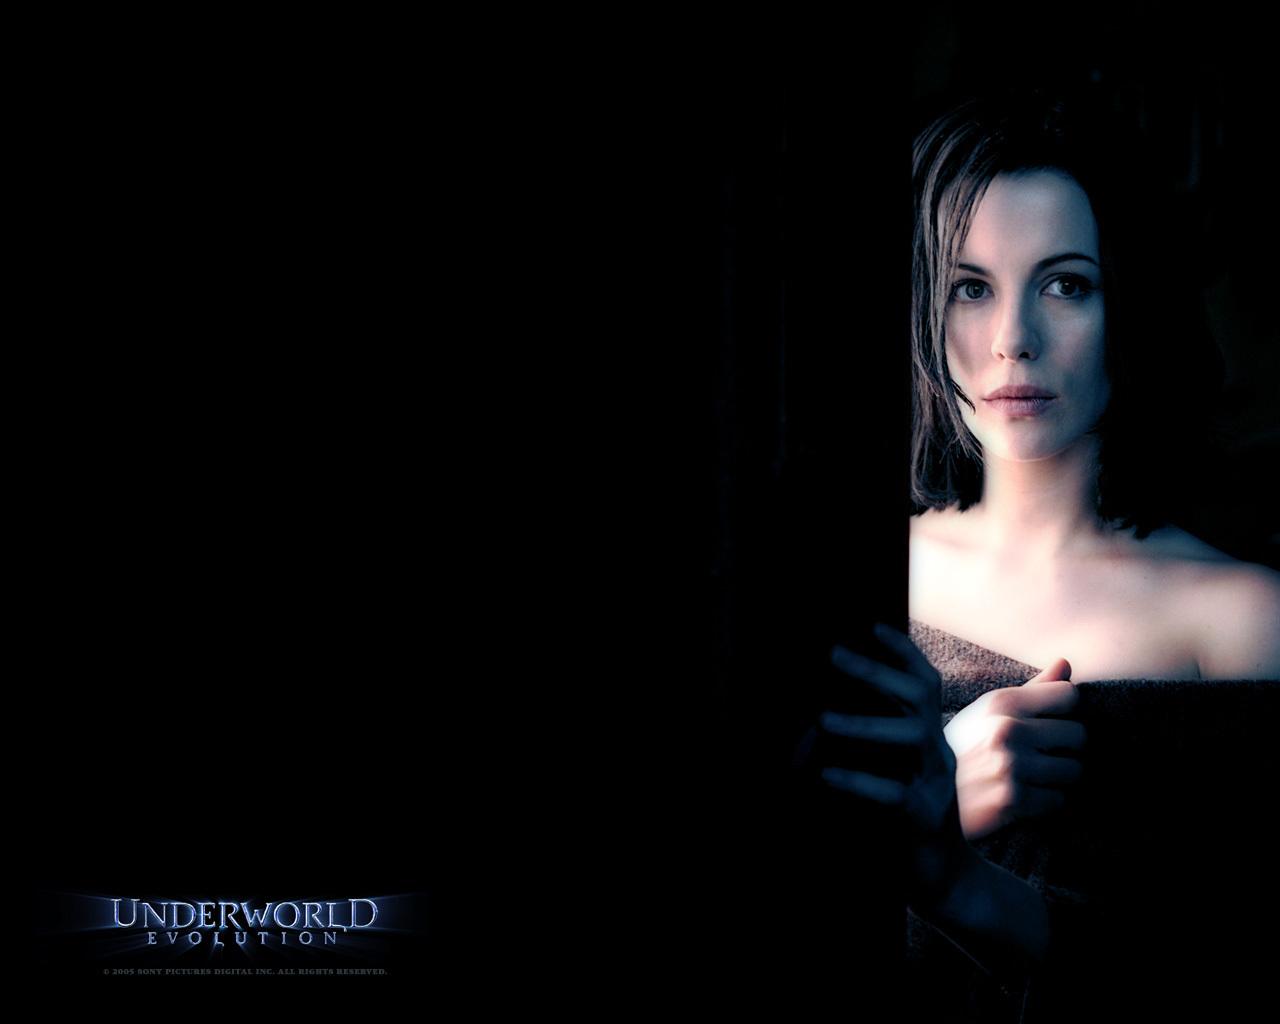 Underworld Evolution   Underworld Wallpaper 1147141 1280x1024